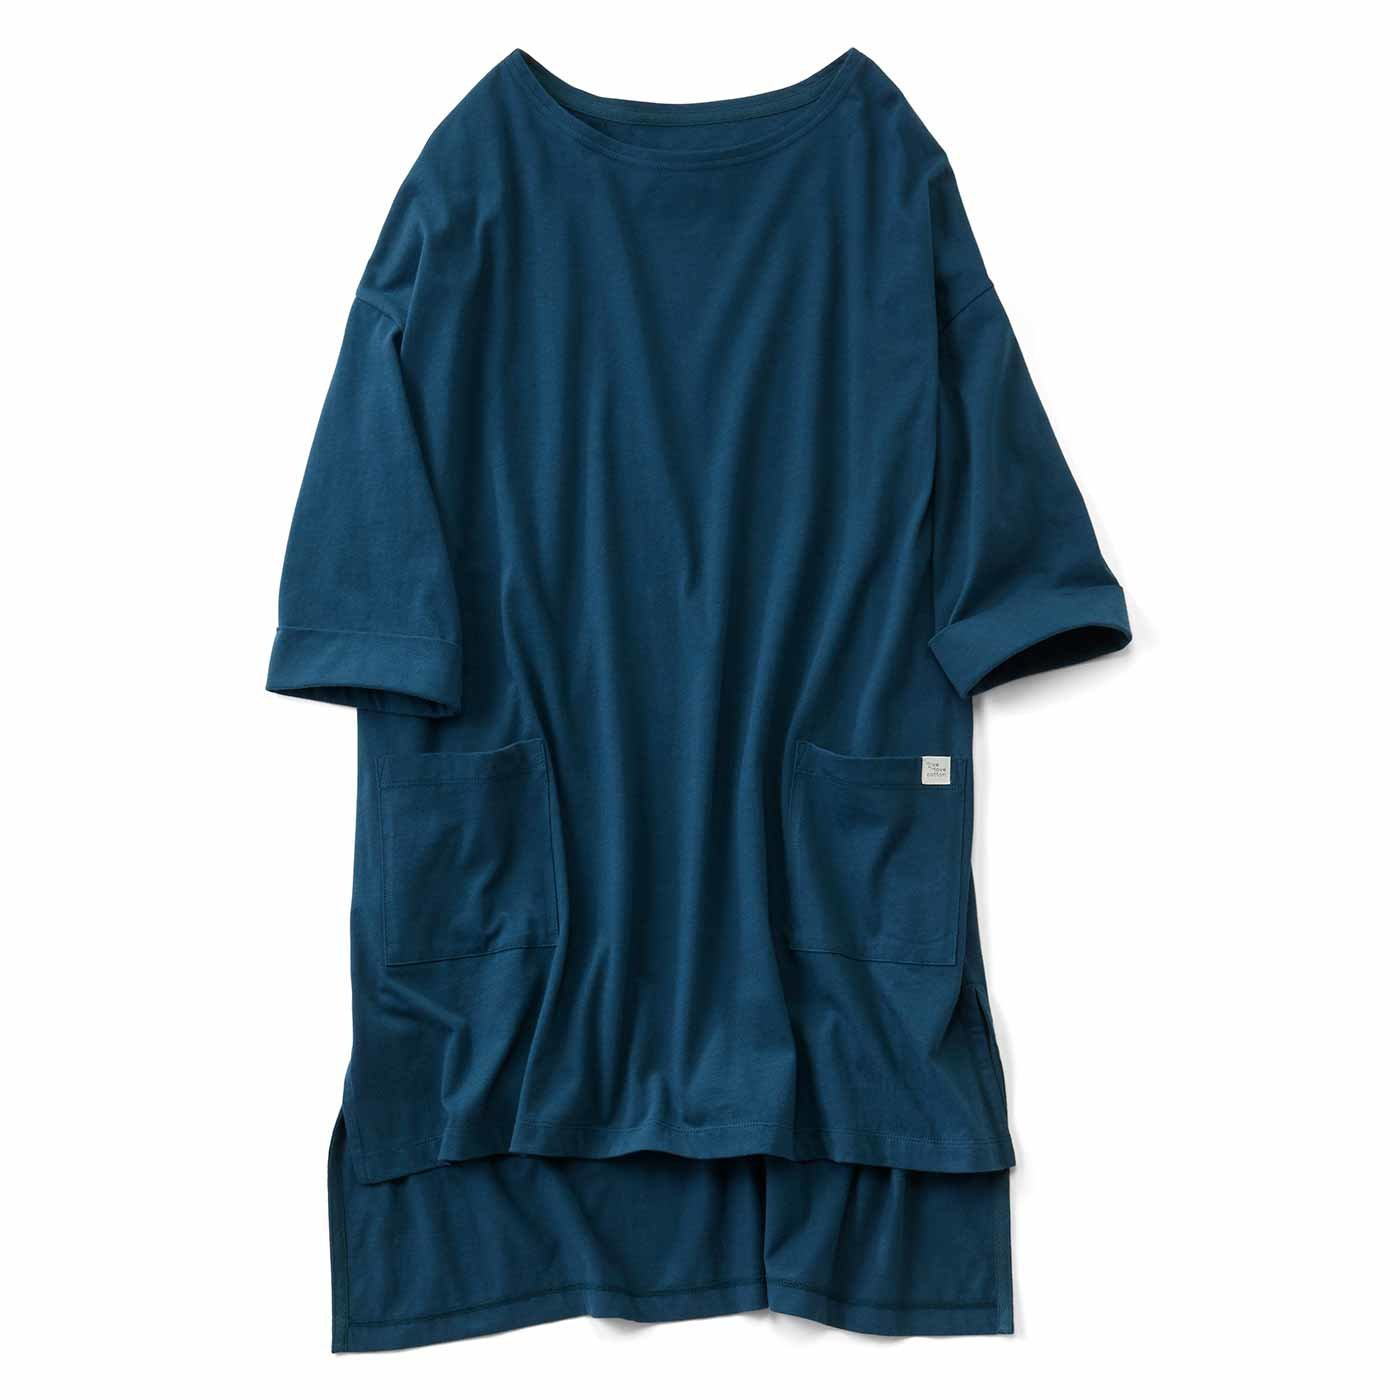 【3~10日でお届け】Live love cottonプロジェクト リブ イン コンフォート ざばっと着るだけ Tシャツ感覚のオーガニックコットンチュニック〈ピーコックグリーン〉